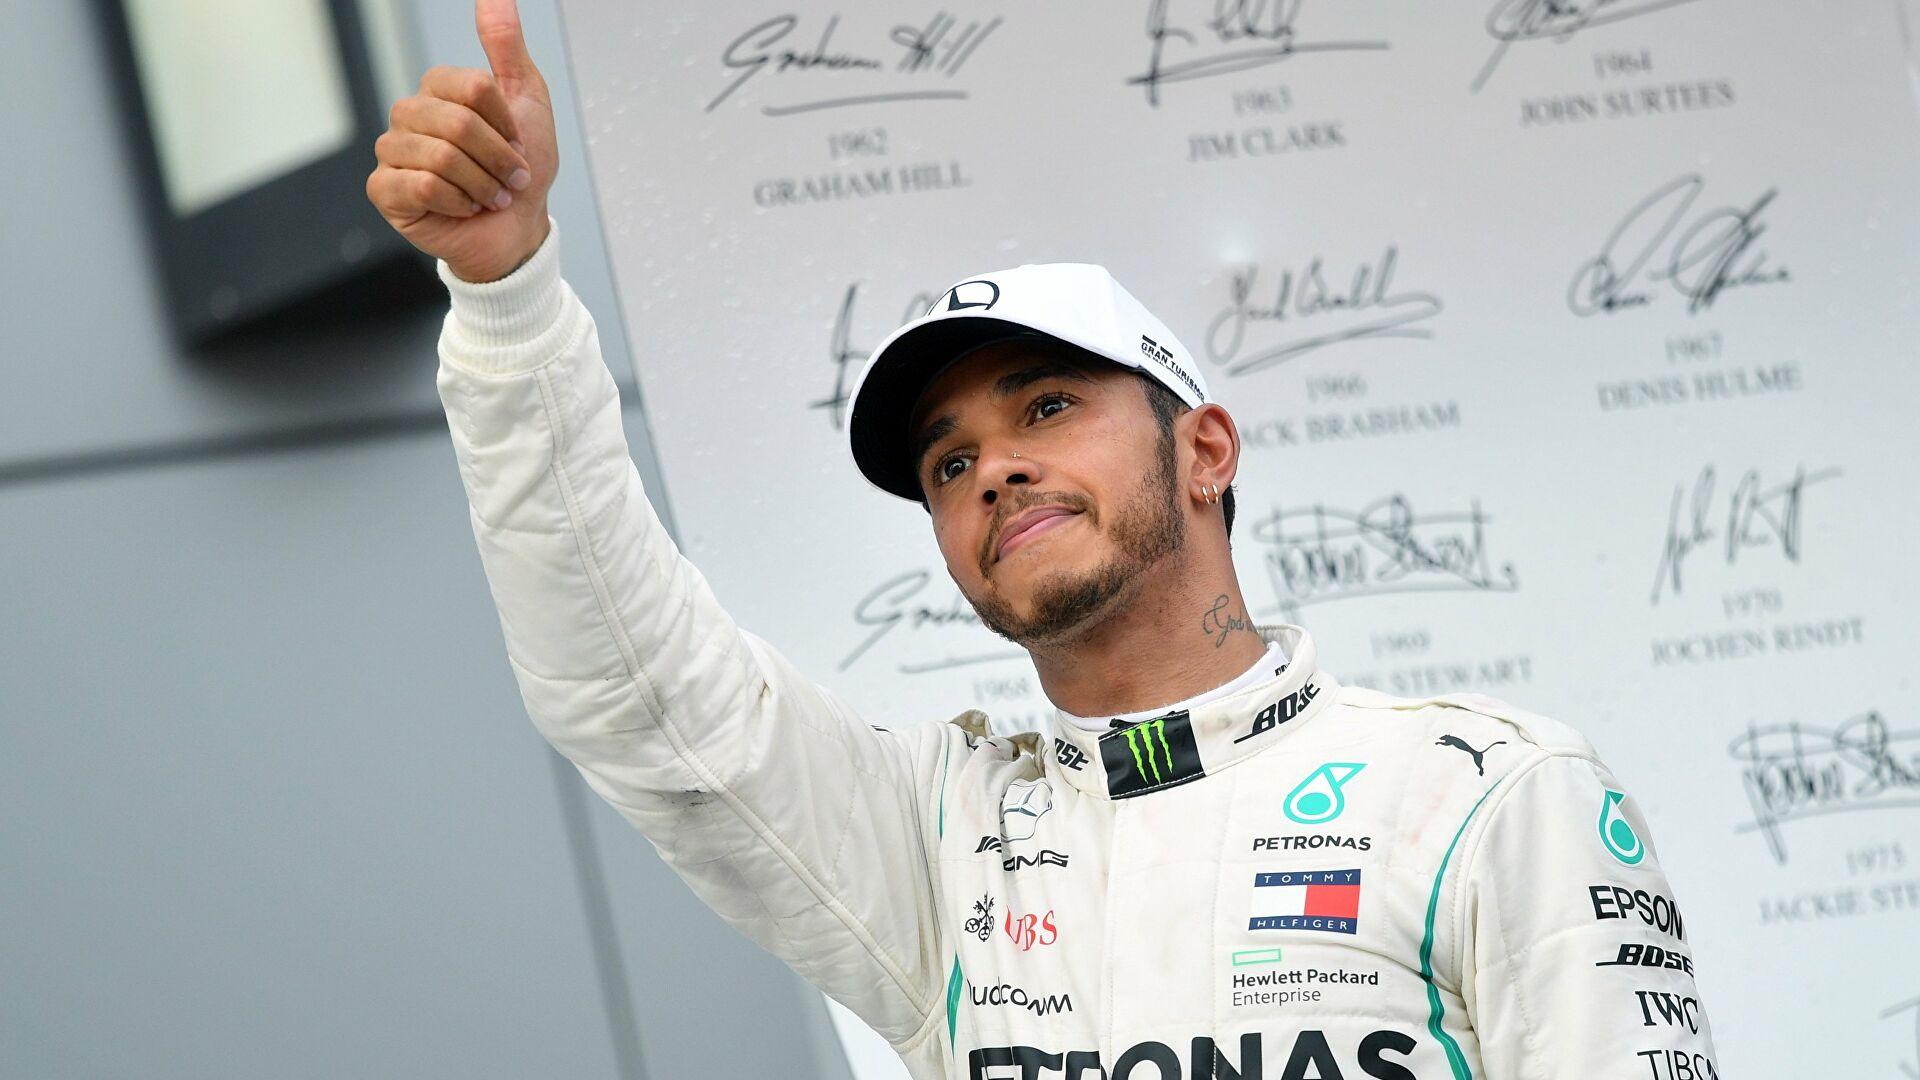 Хэмилтон – самый высокооплачиваемый пилот «Формулы-1», зарплата Феттеля сократилась вдвое